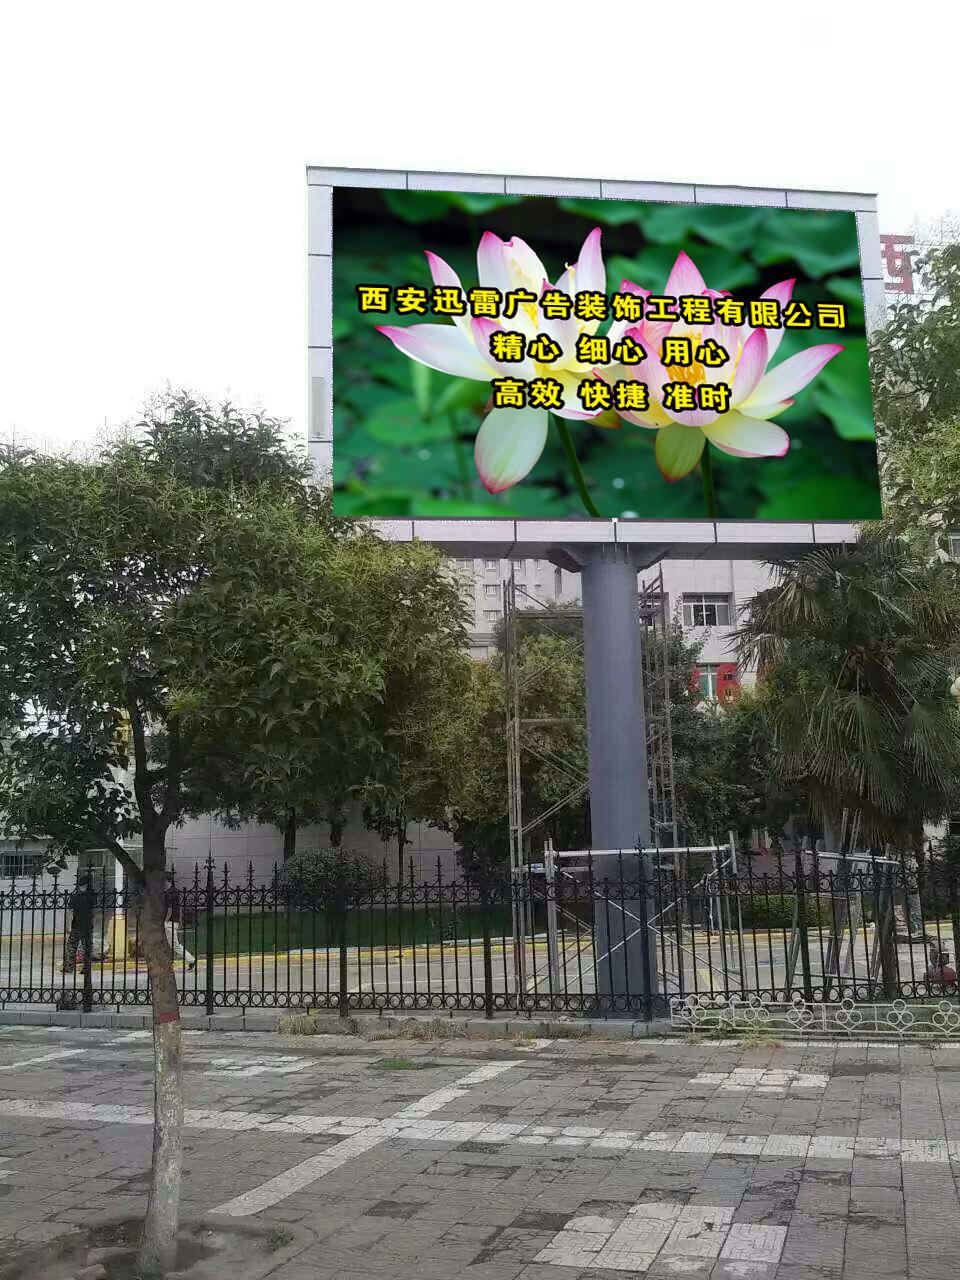 户外广告牌